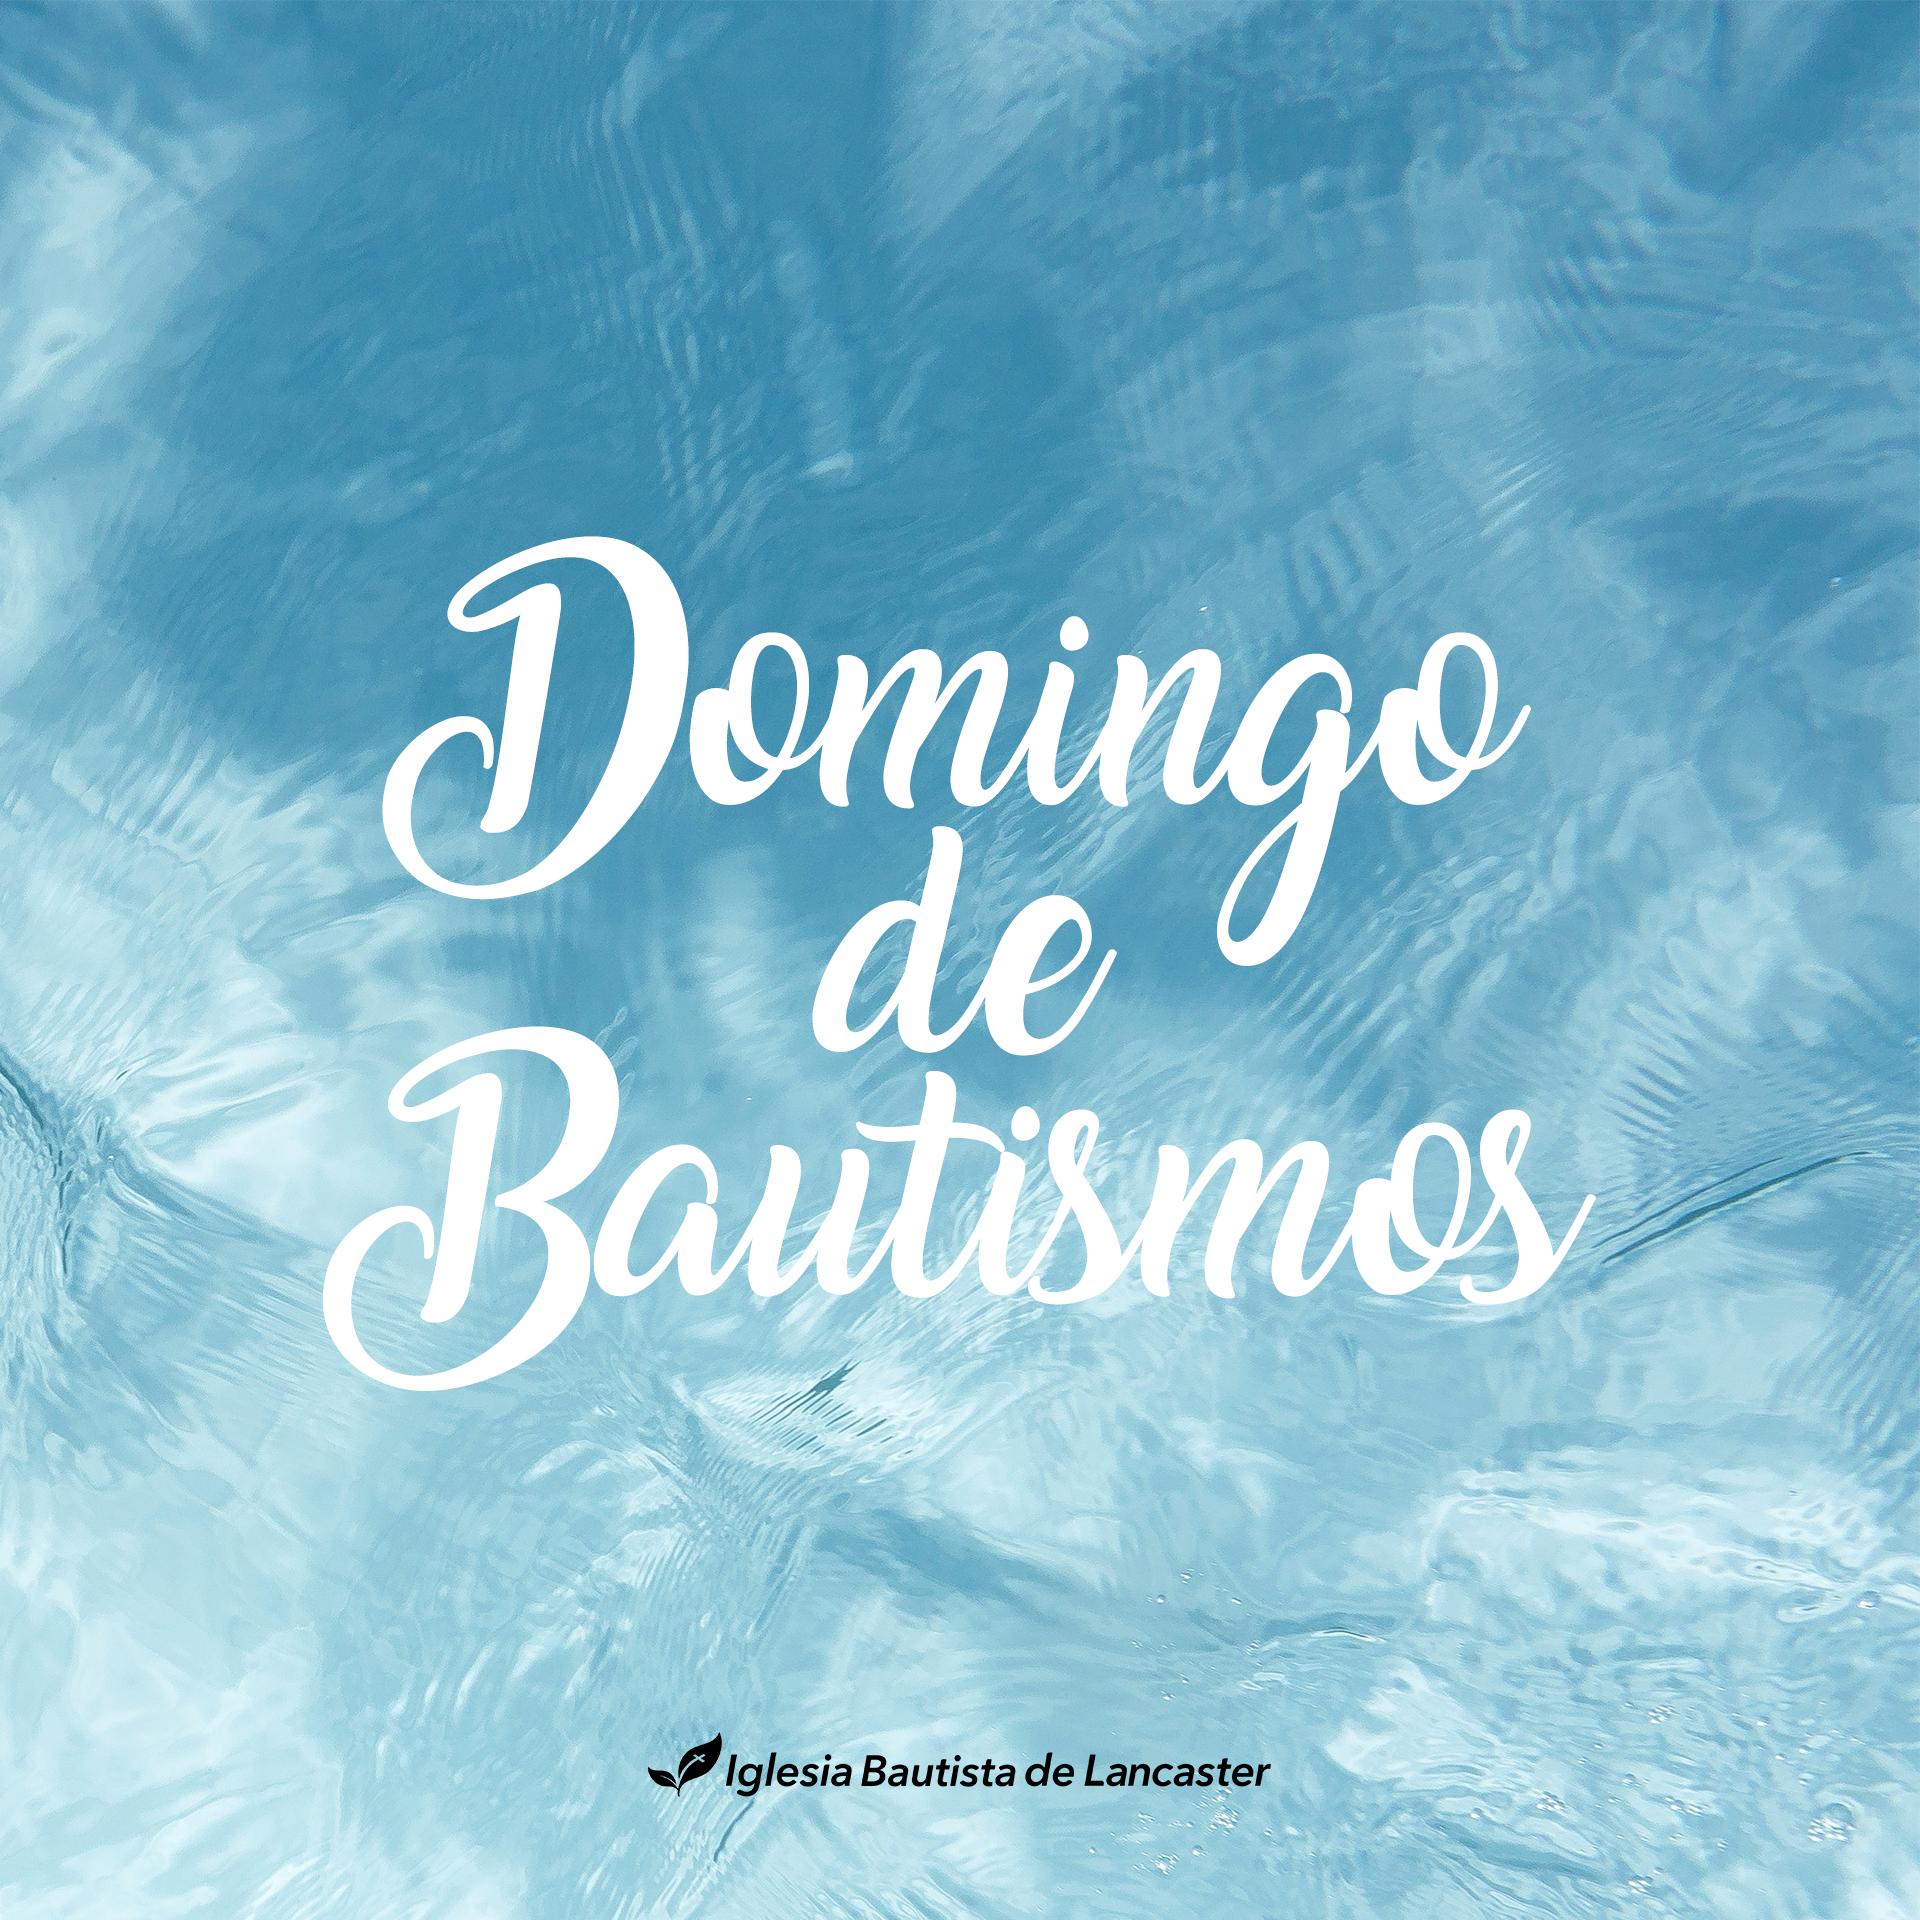 Domingo de Bautismos Posts - Social.png